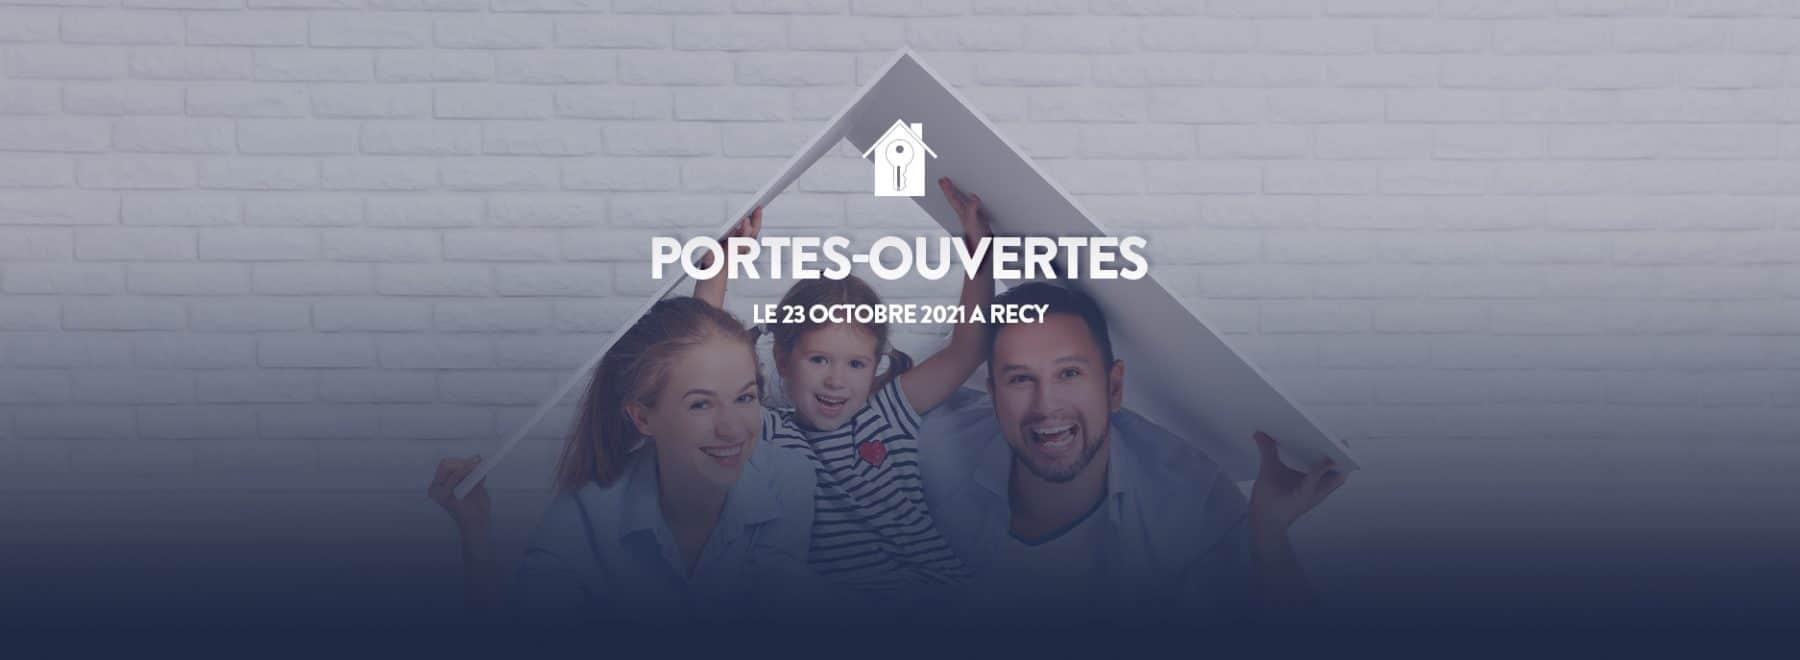 le-23-octobre-2021-–-porte-ouverte-a-recy-(51)